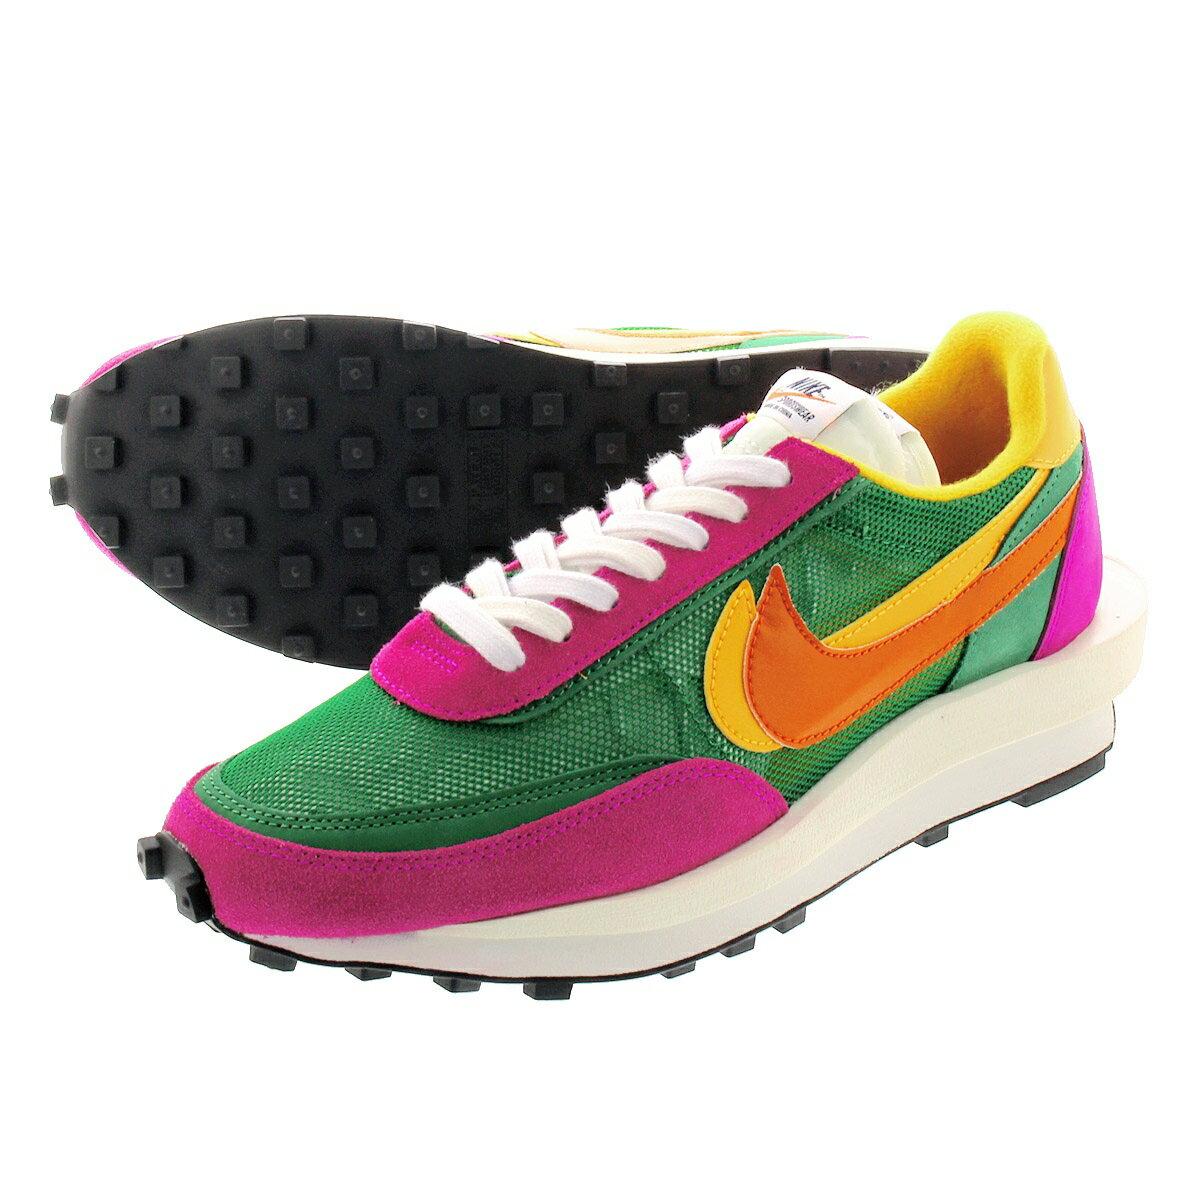 メンズ靴, スニーカー sacai x NIKE LD WAFFLE x LD PINE GREENCLAY ORENGEDEL SOL bv0073-301